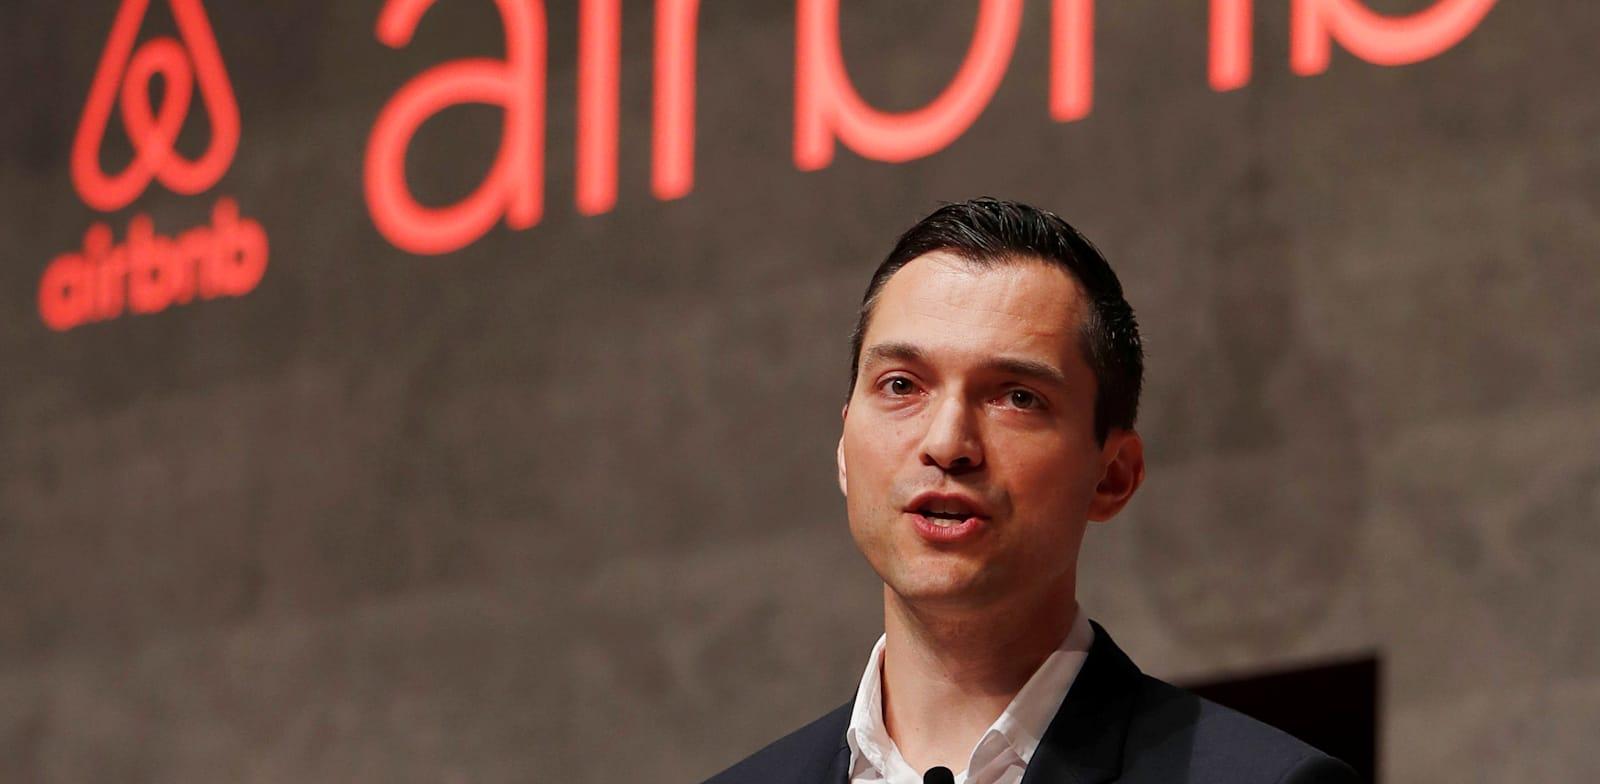 תן בלצ'רסיק, ממייסדי Airbnb. רוב הלקוחות לא מודעים לכמות המידע עליהם שמגיע לסינים / צילום: Reuters, ISSEI KATO